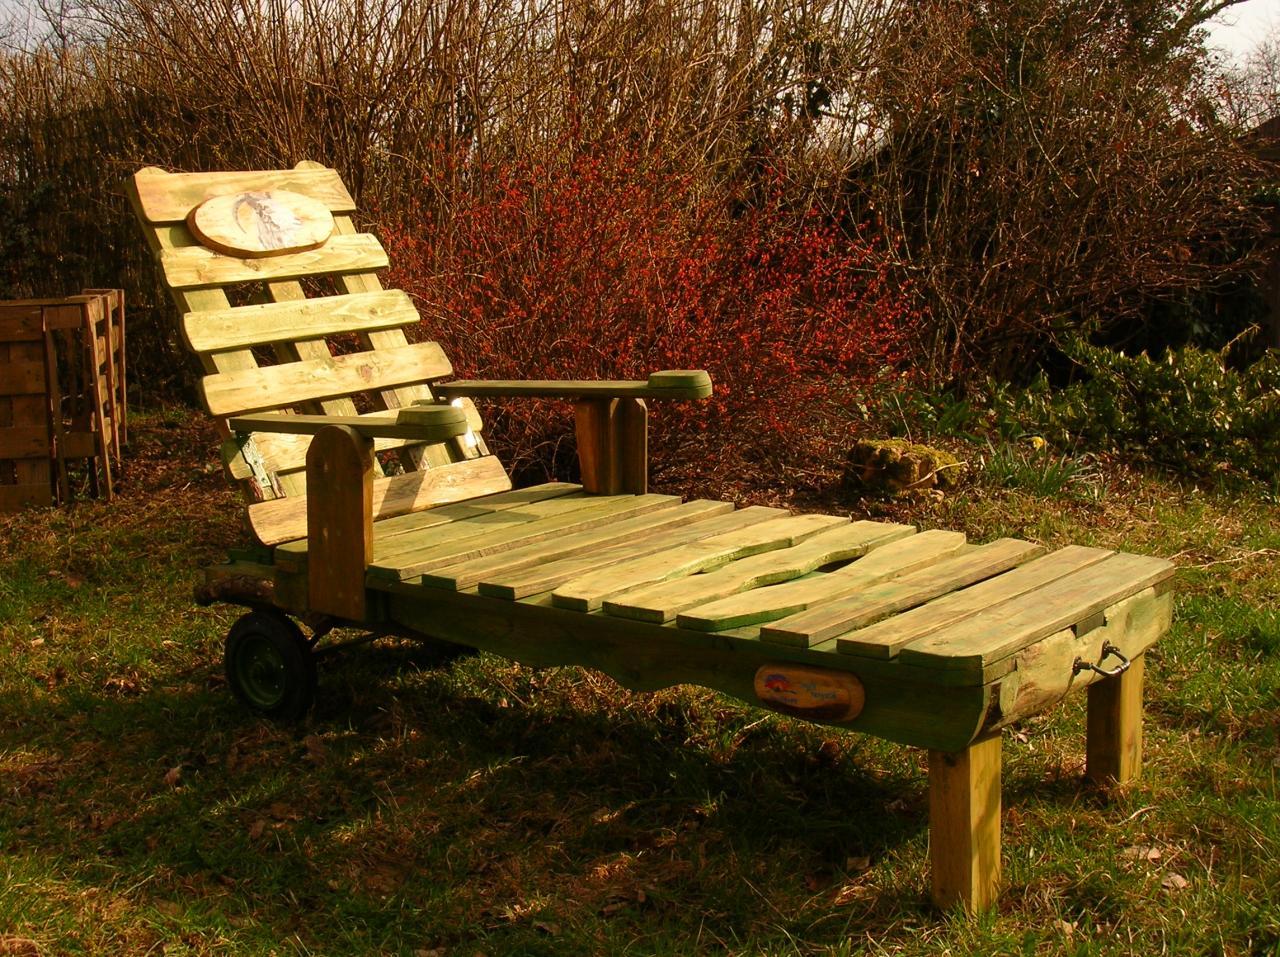 mobiliers de jardin construits en palettes recycl es gestes cologiques au quotidien. Black Bedroom Furniture Sets. Home Design Ideas